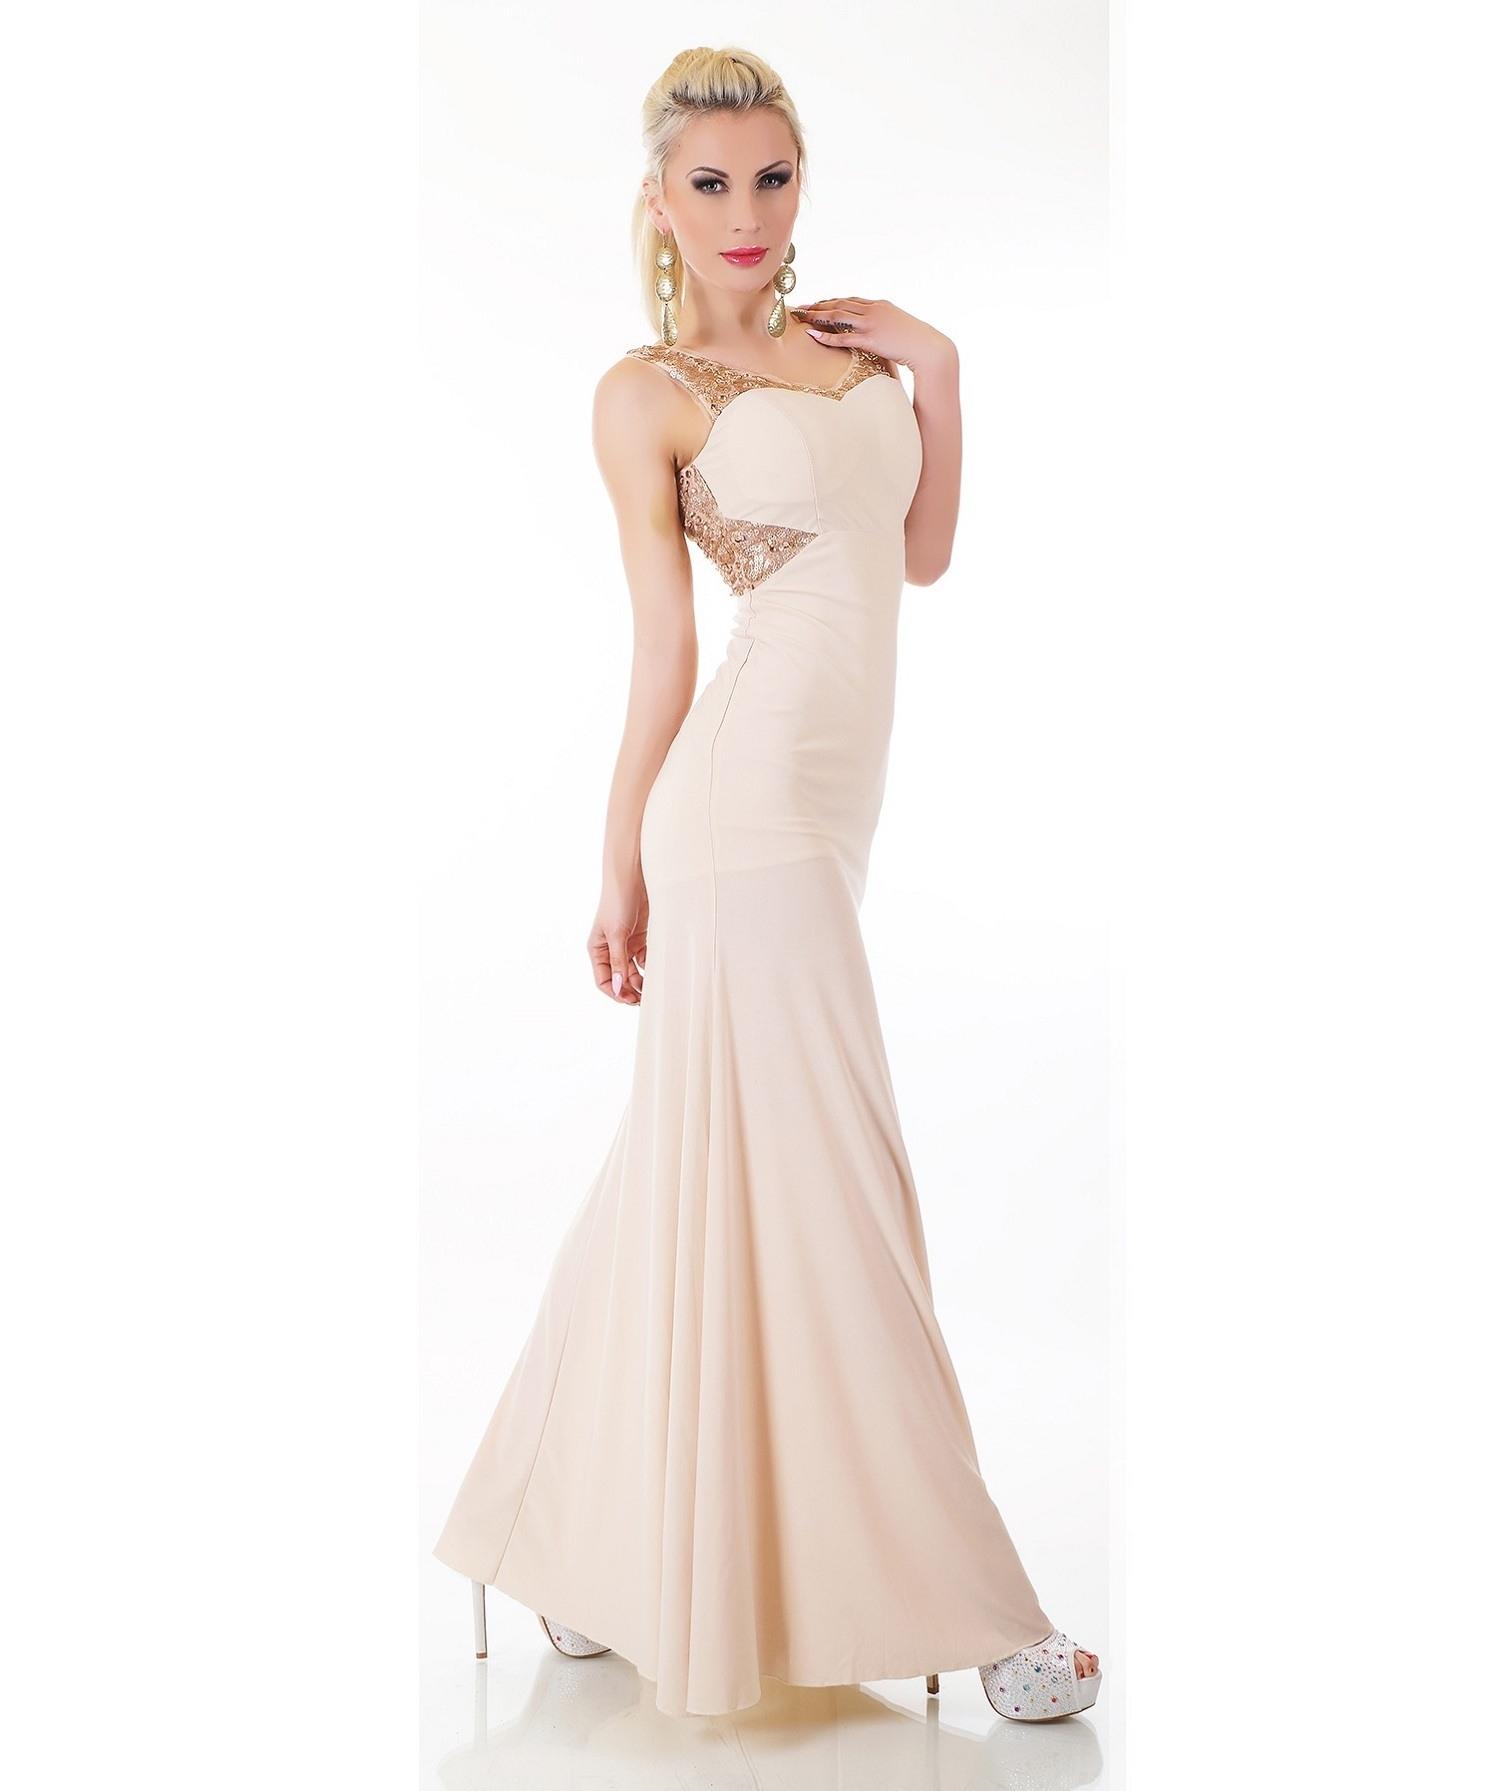 Abend Spektakulär Abendkleider Bestellen Online Boutique10 Einfach Abendkleider Bestellen Online für 2019